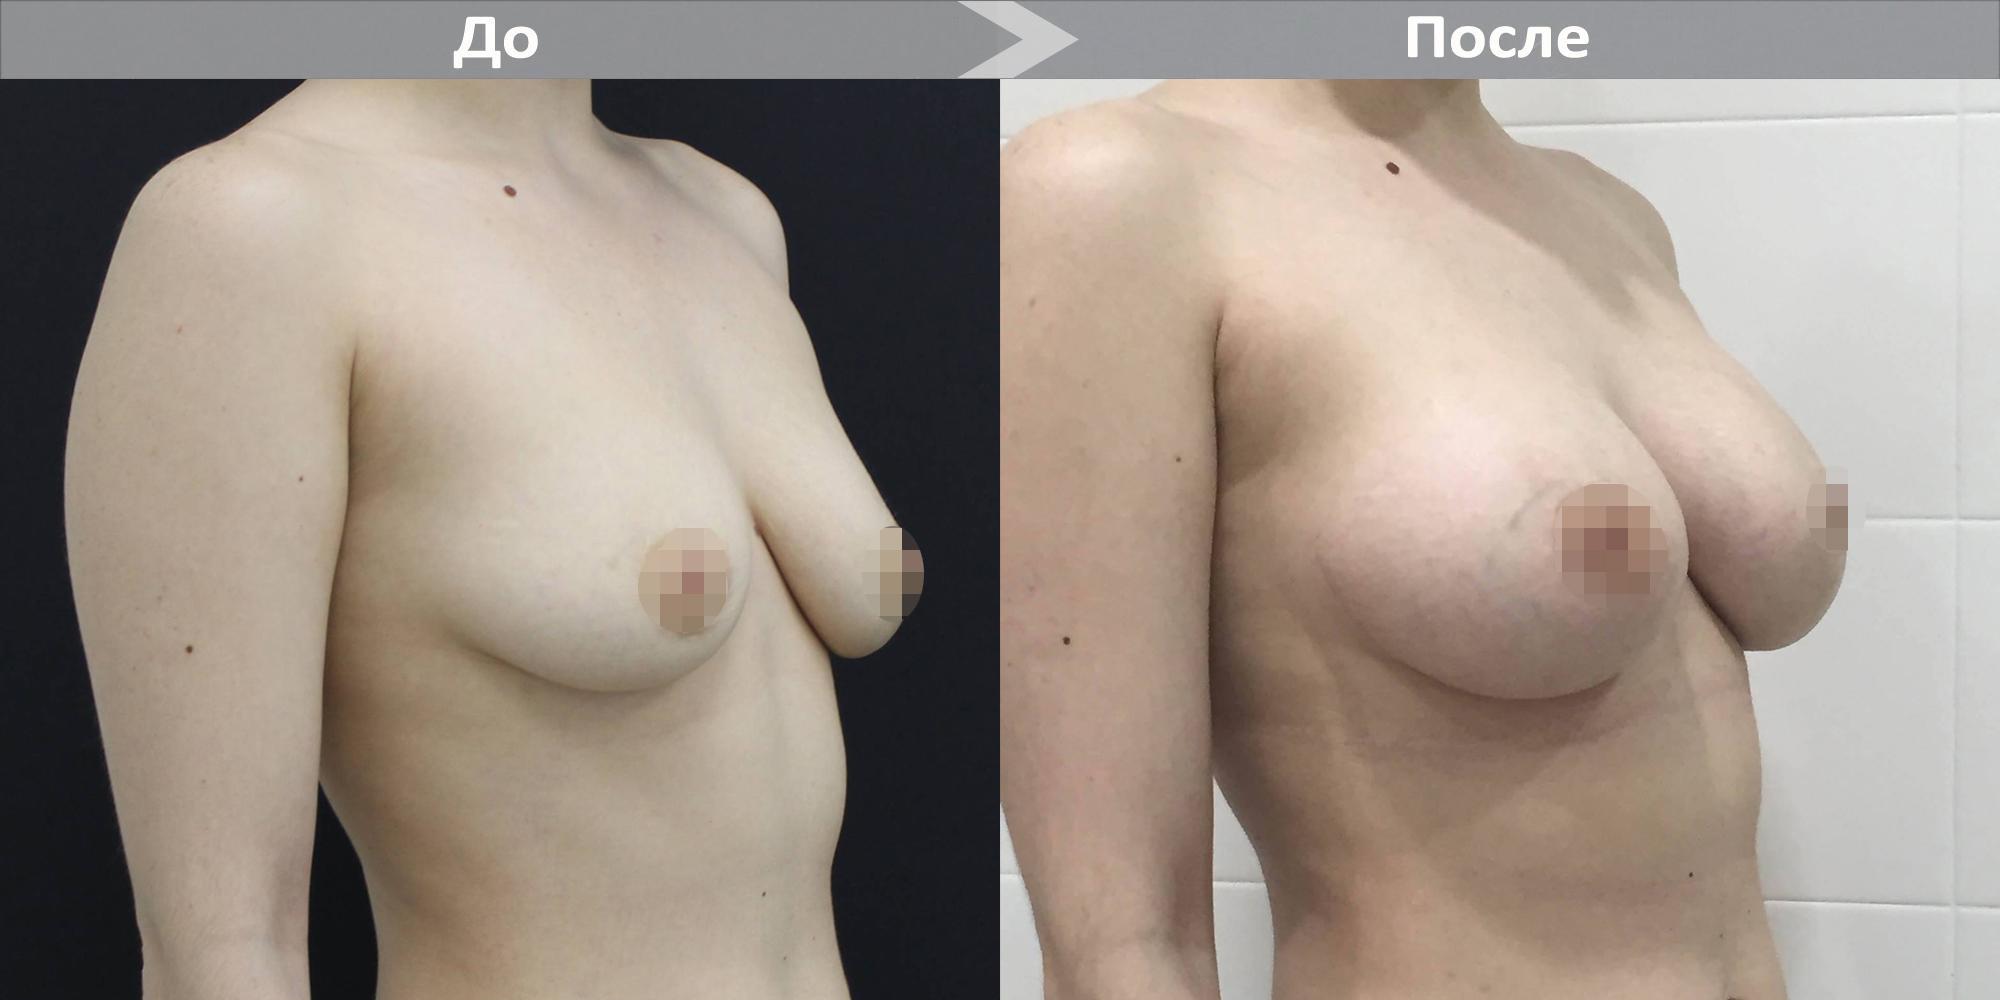 Фото до и после увеличения груди имплантами Motiva №2